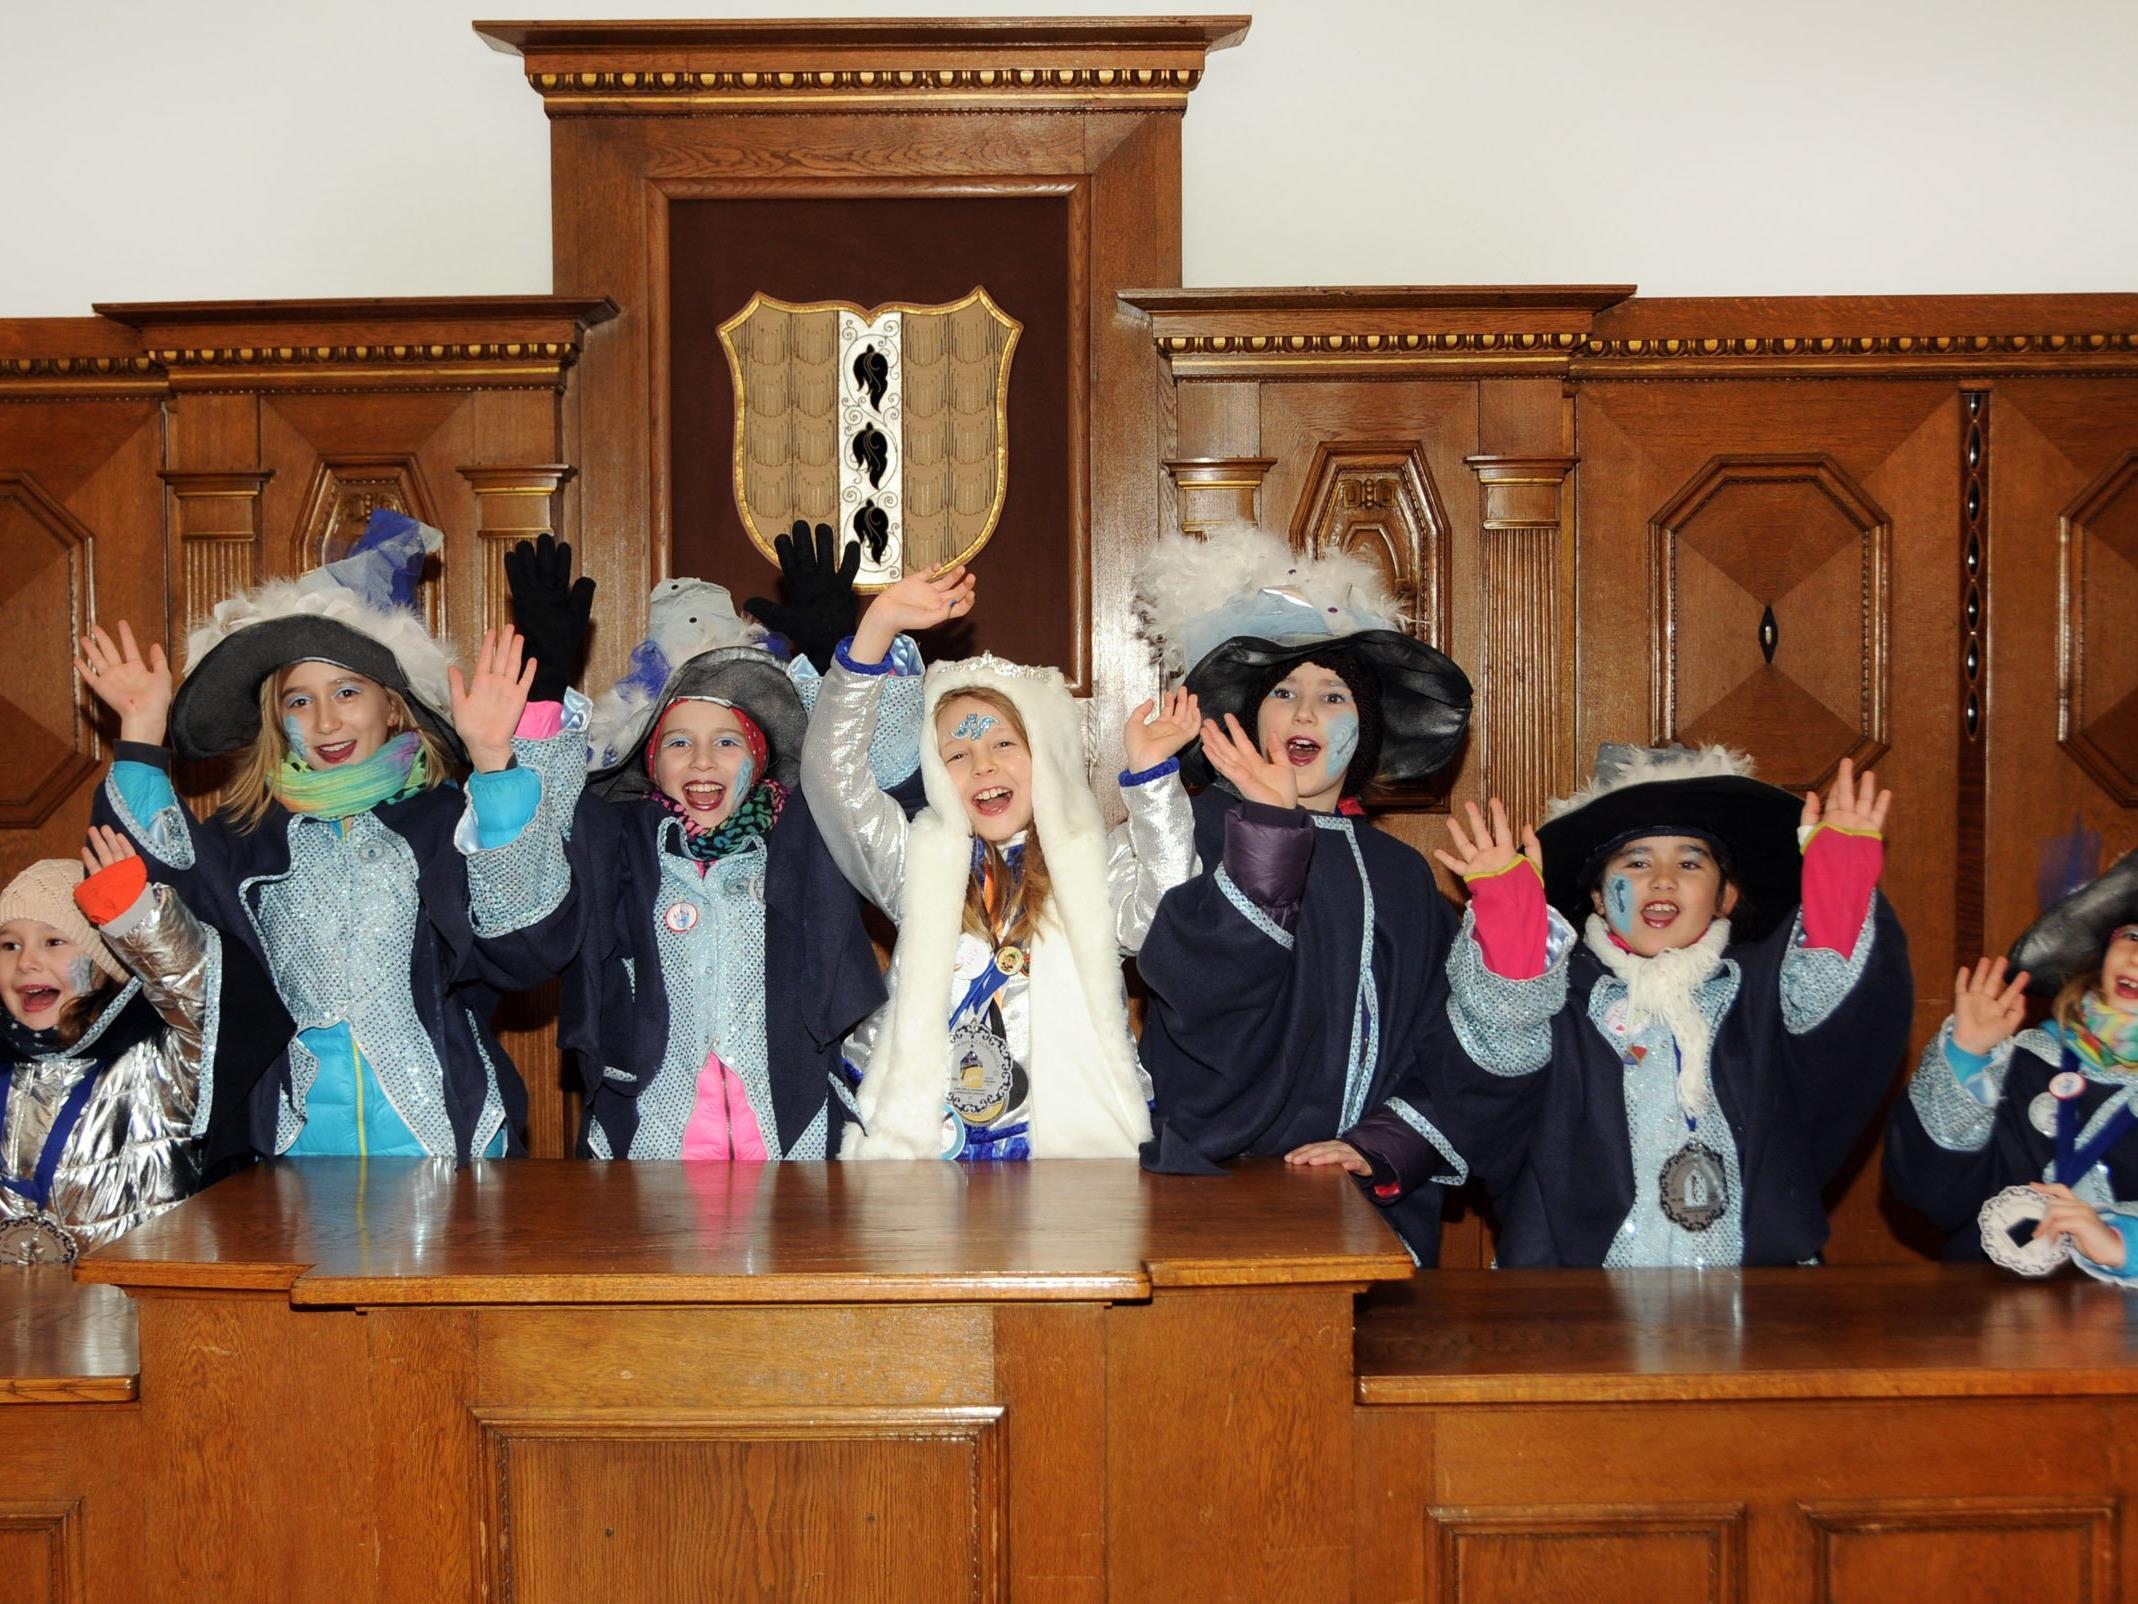 Endlich haben im Sitzungssaal der Stadt Bregenz die jungen Narren das Ruder in die Hand genommen.